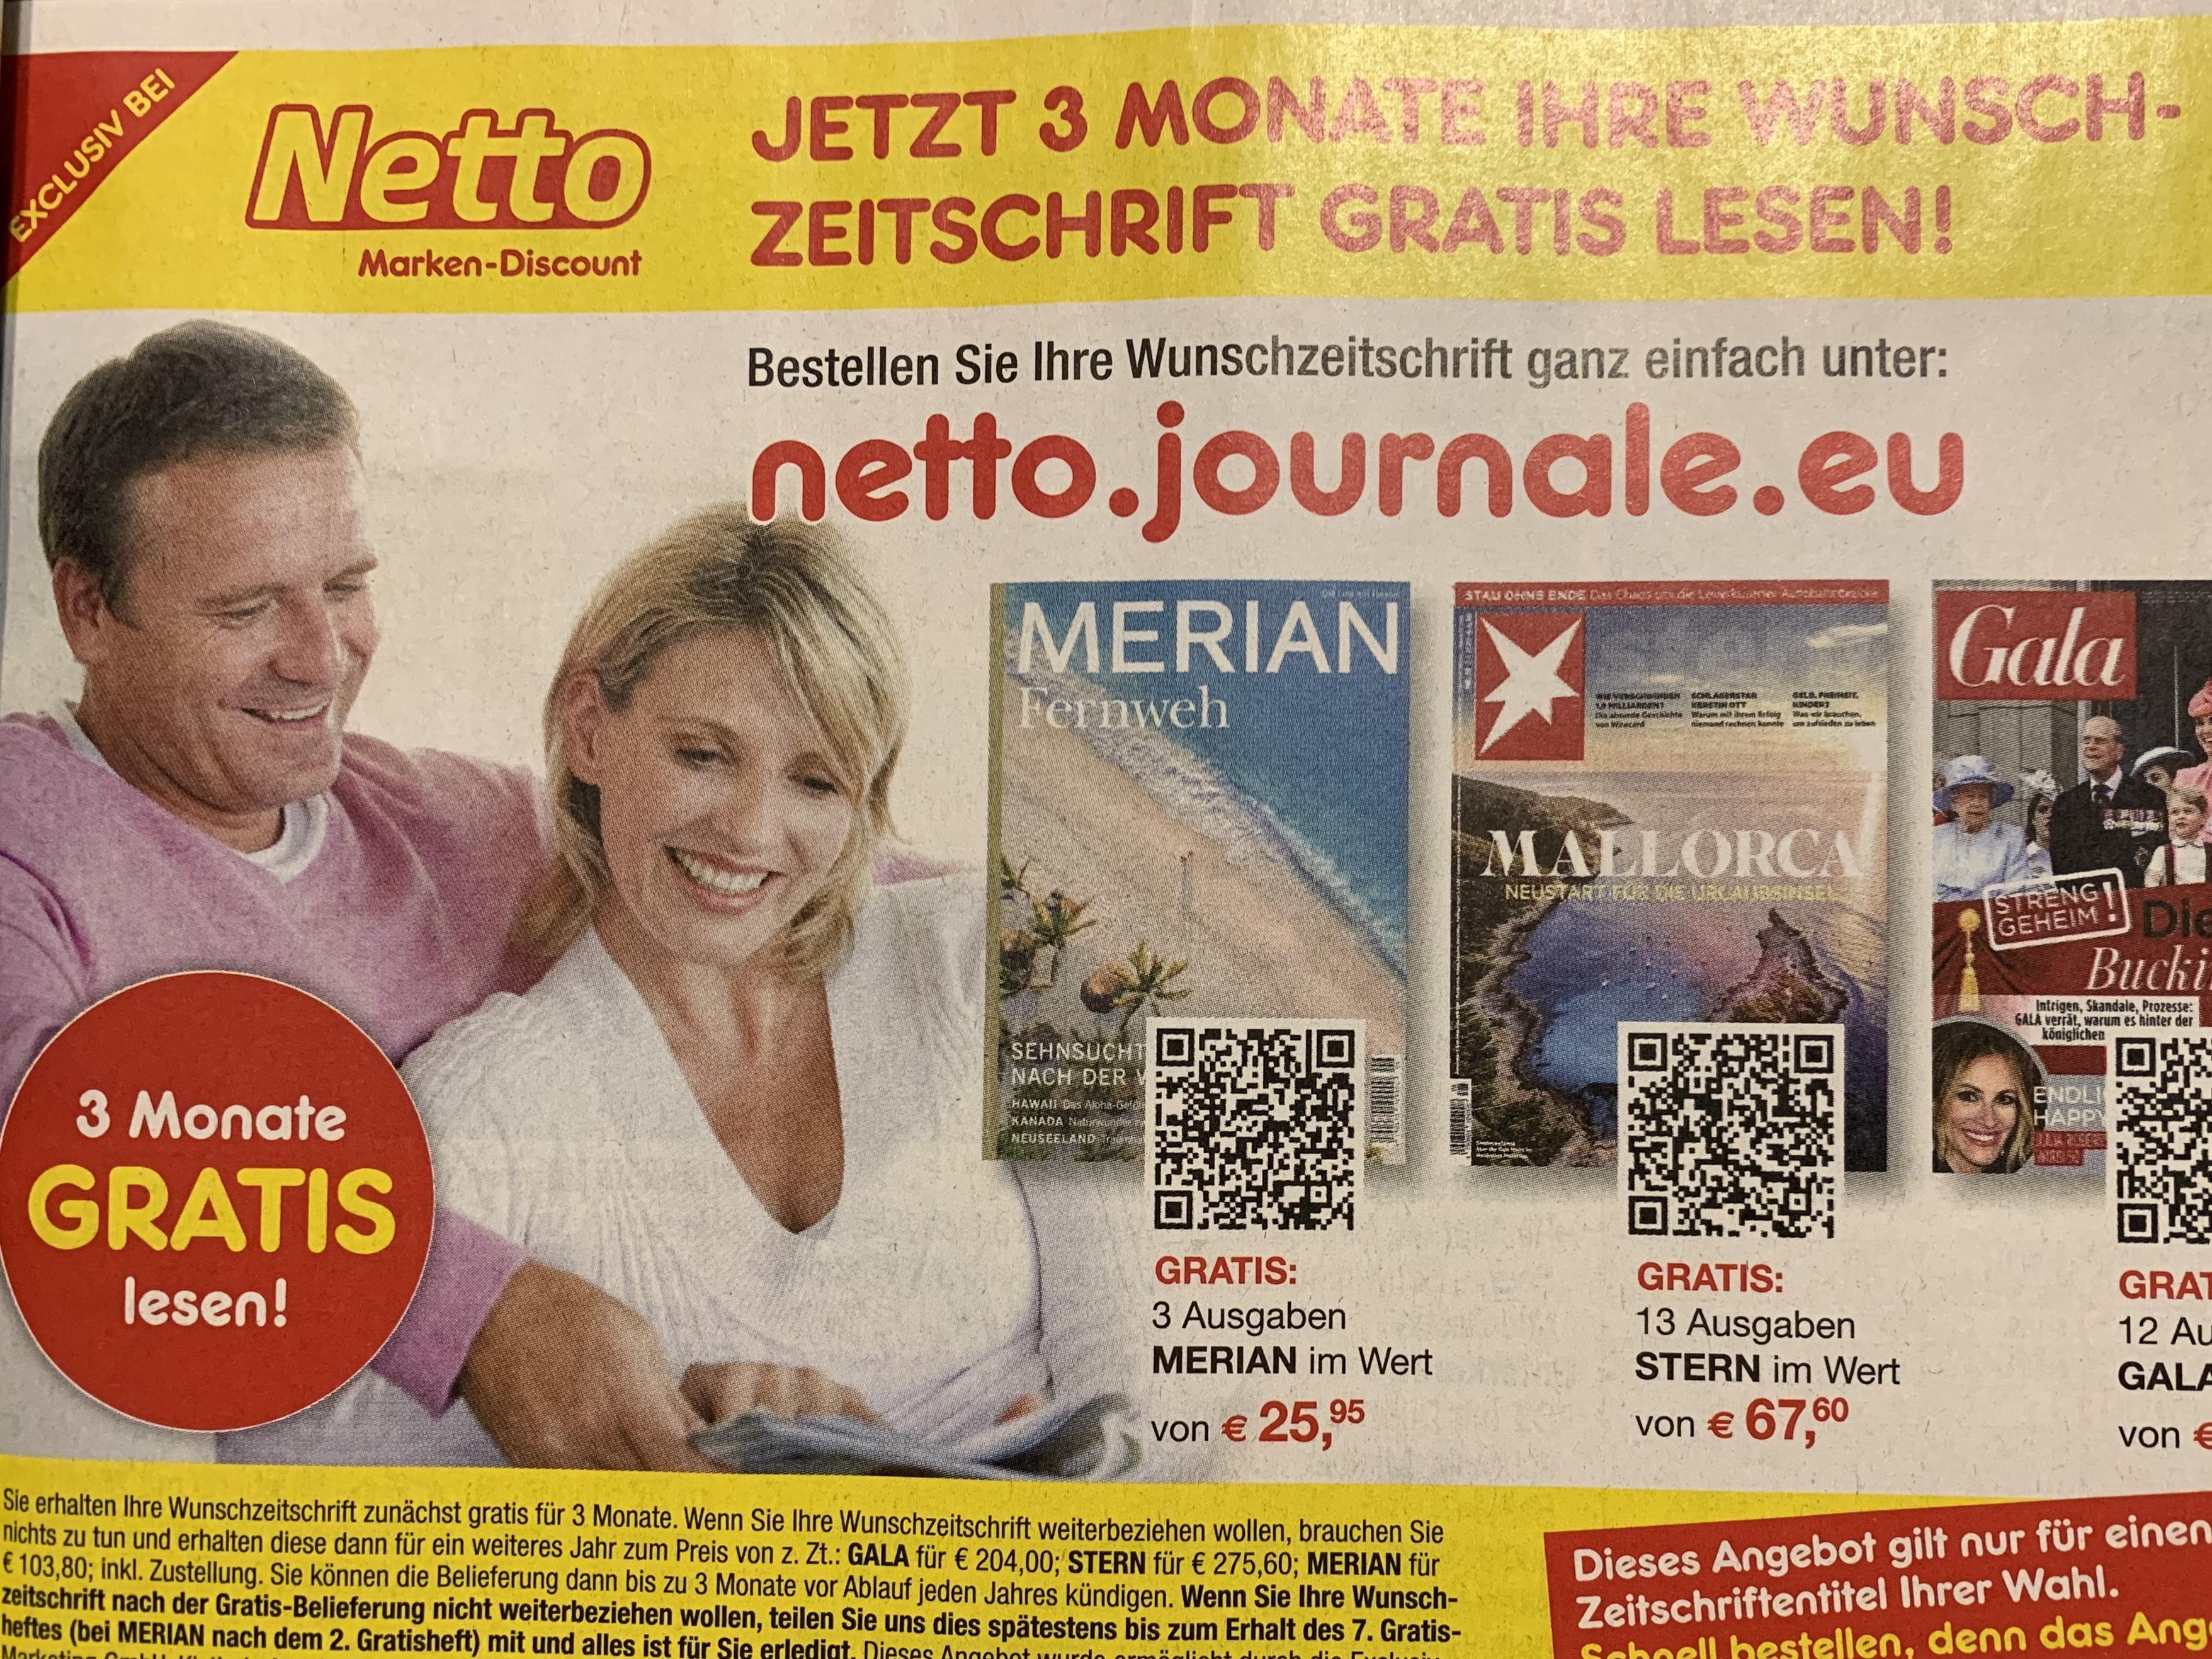 Freebie | Eine von 9 Zeitschriften 3 Monate gratis lesen (z.B. Sport-/ Autobild, Stern, Hörzu) - Kündigung nötig!